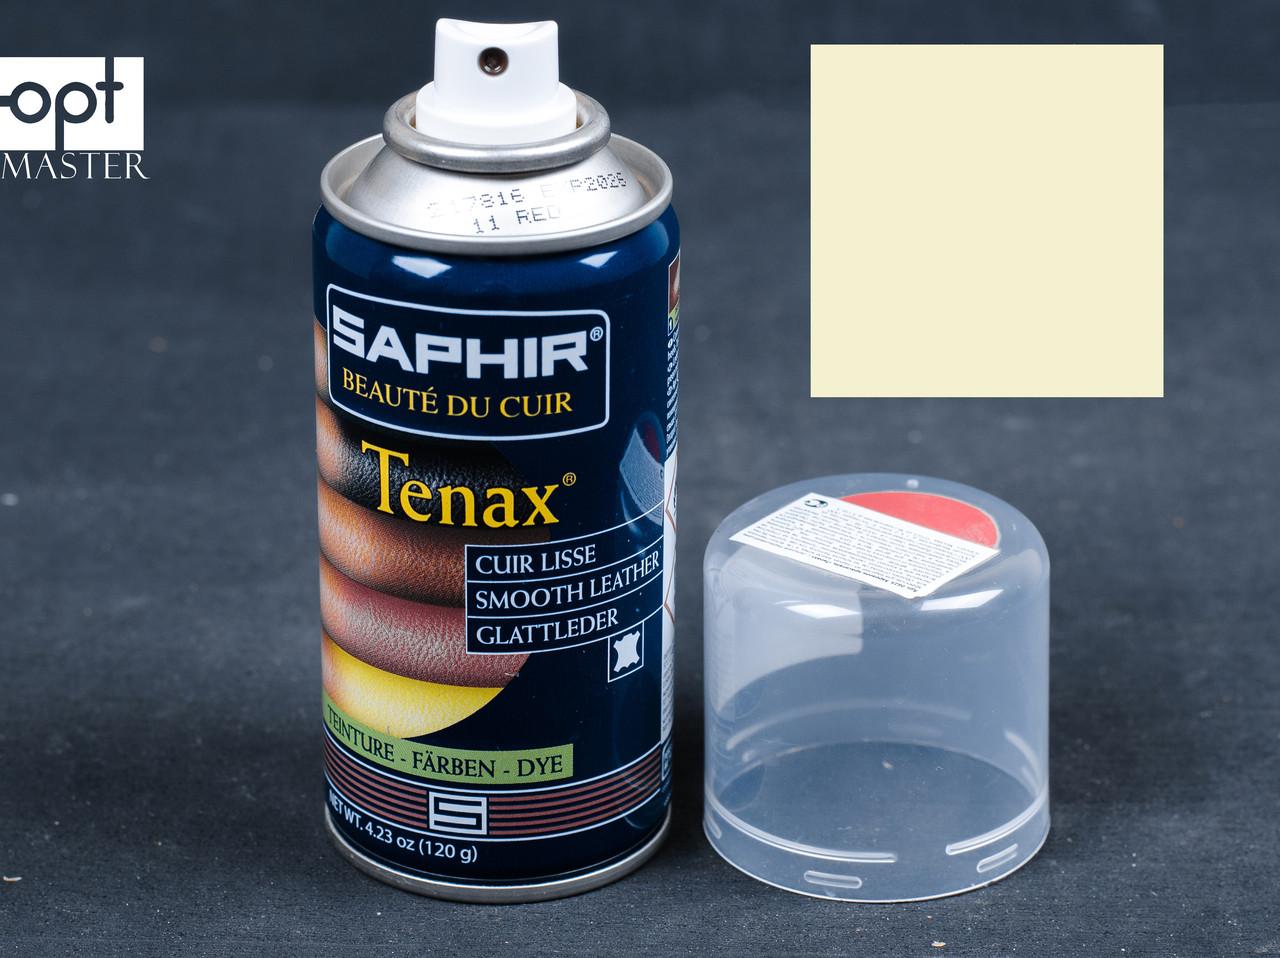 Аэрозольная краска цв.беловатый для гладкой кожи Saphir Tenax Spray, 150 мл (0823)(63)